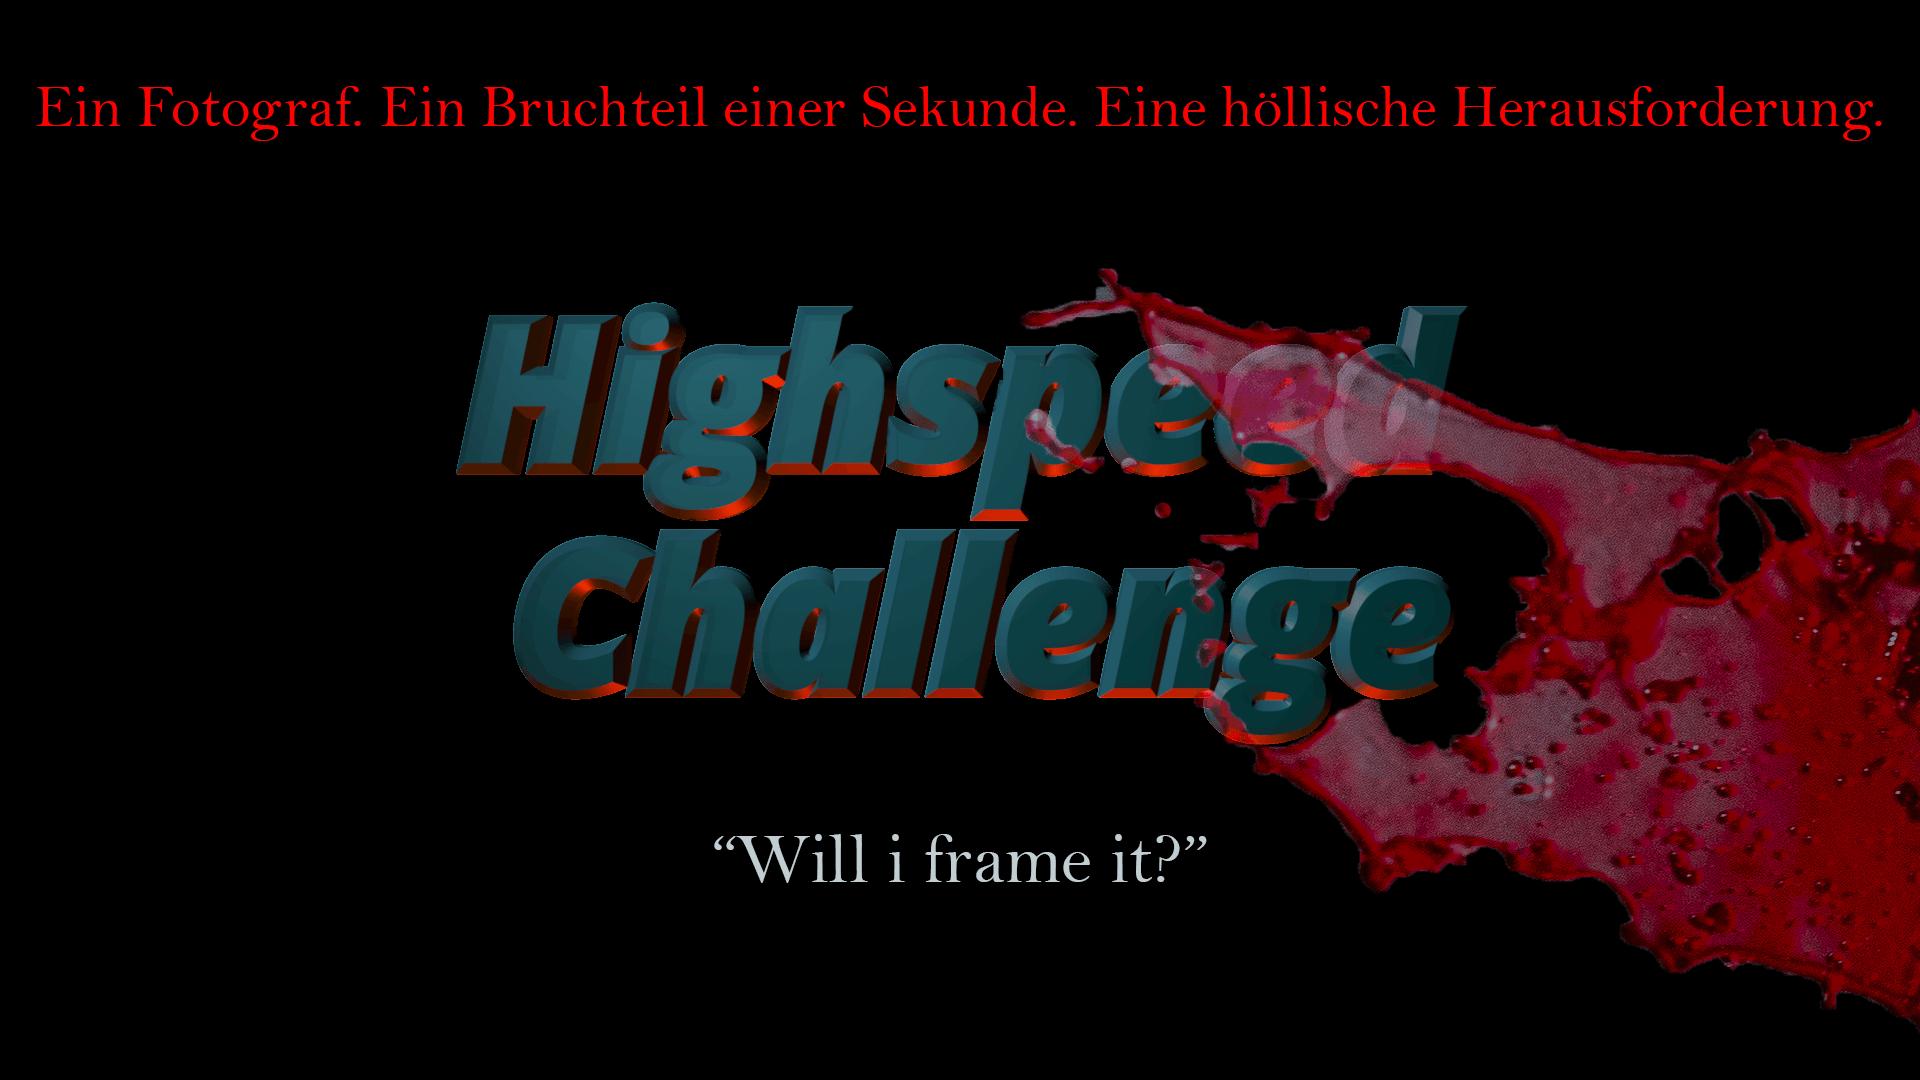 Highspeed Challenge Titelschrift Homepage Blutspritzer.png